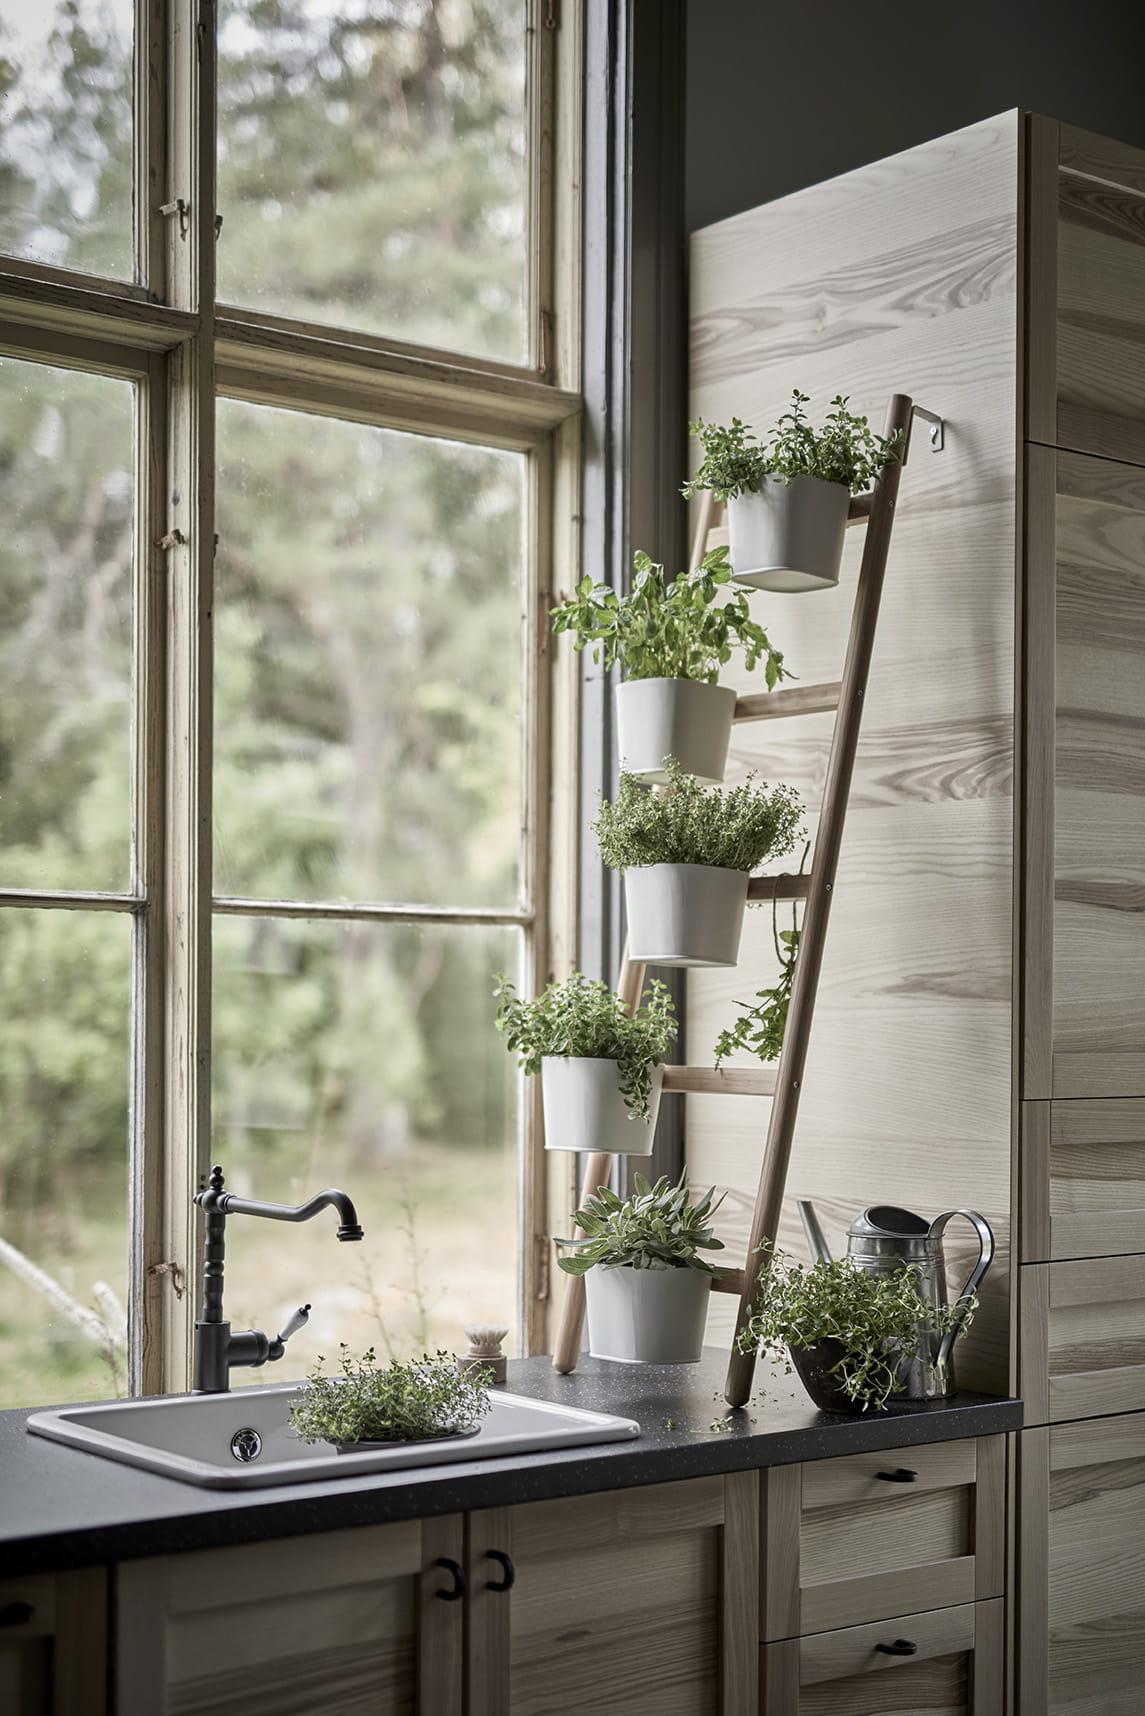 Coup de c ur les supports pour plantes satsumas d 39 ikea for Meuble porte plante ikea